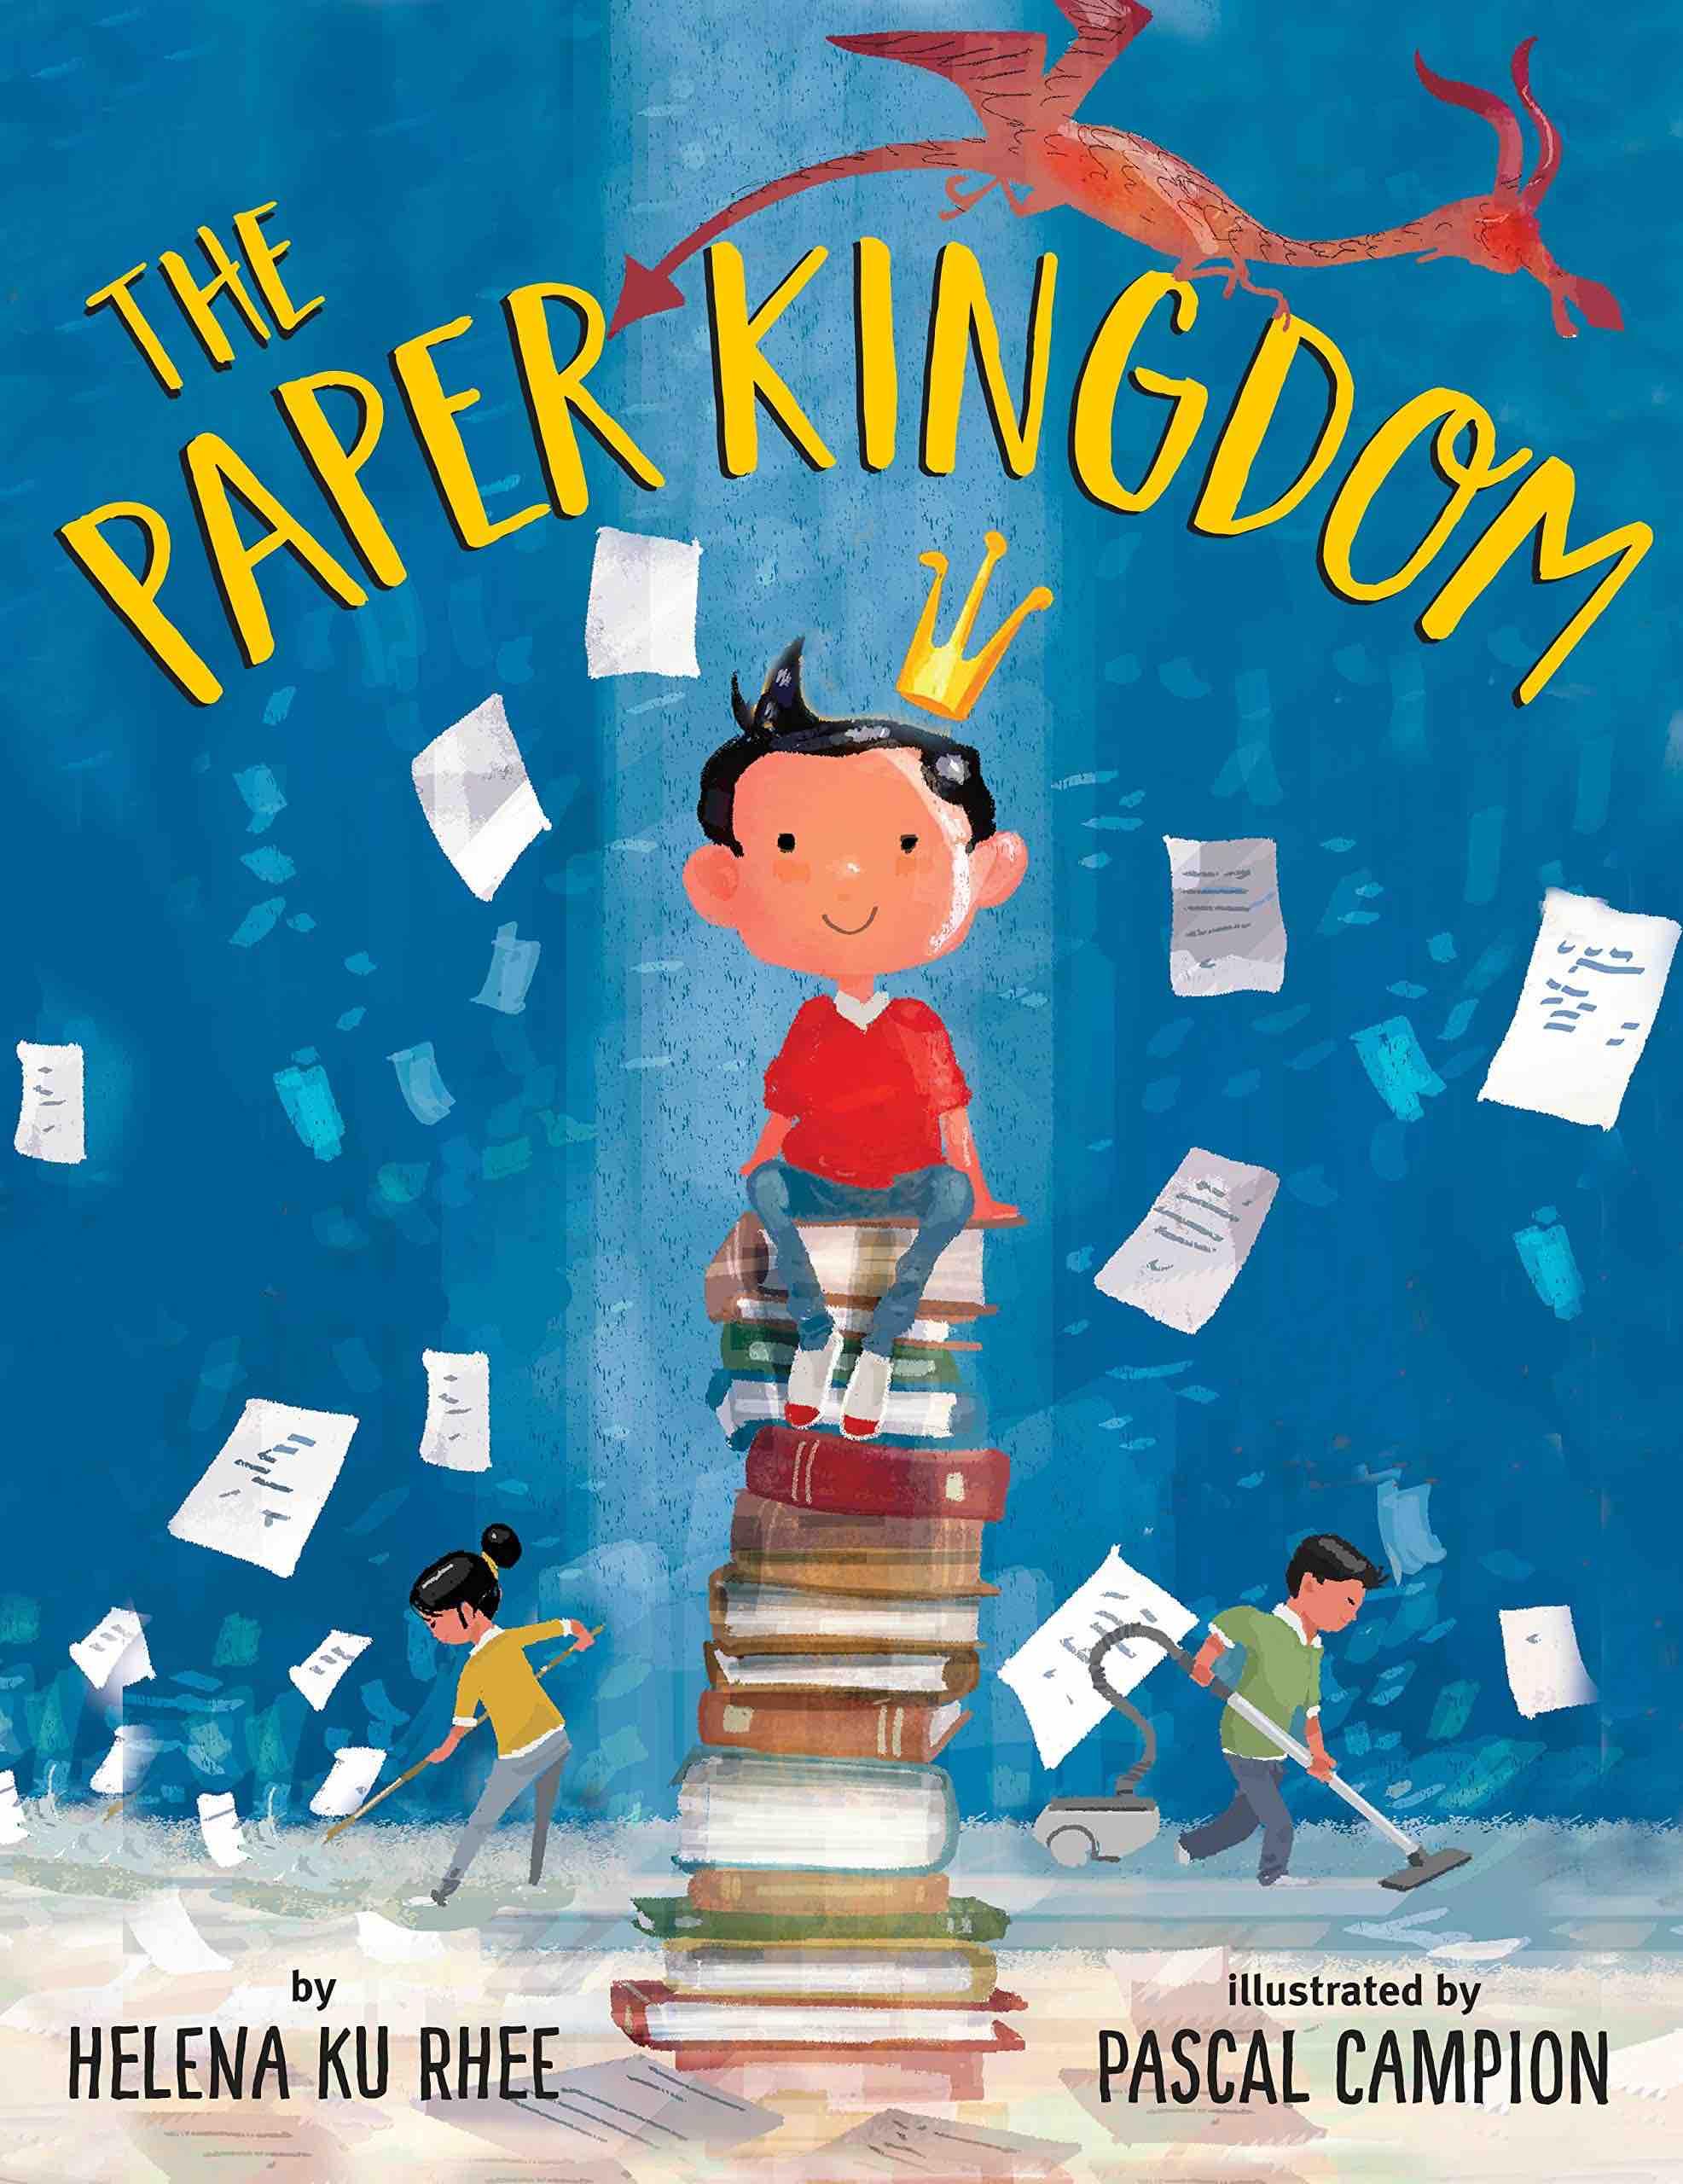 Paper Kingdom Rhee